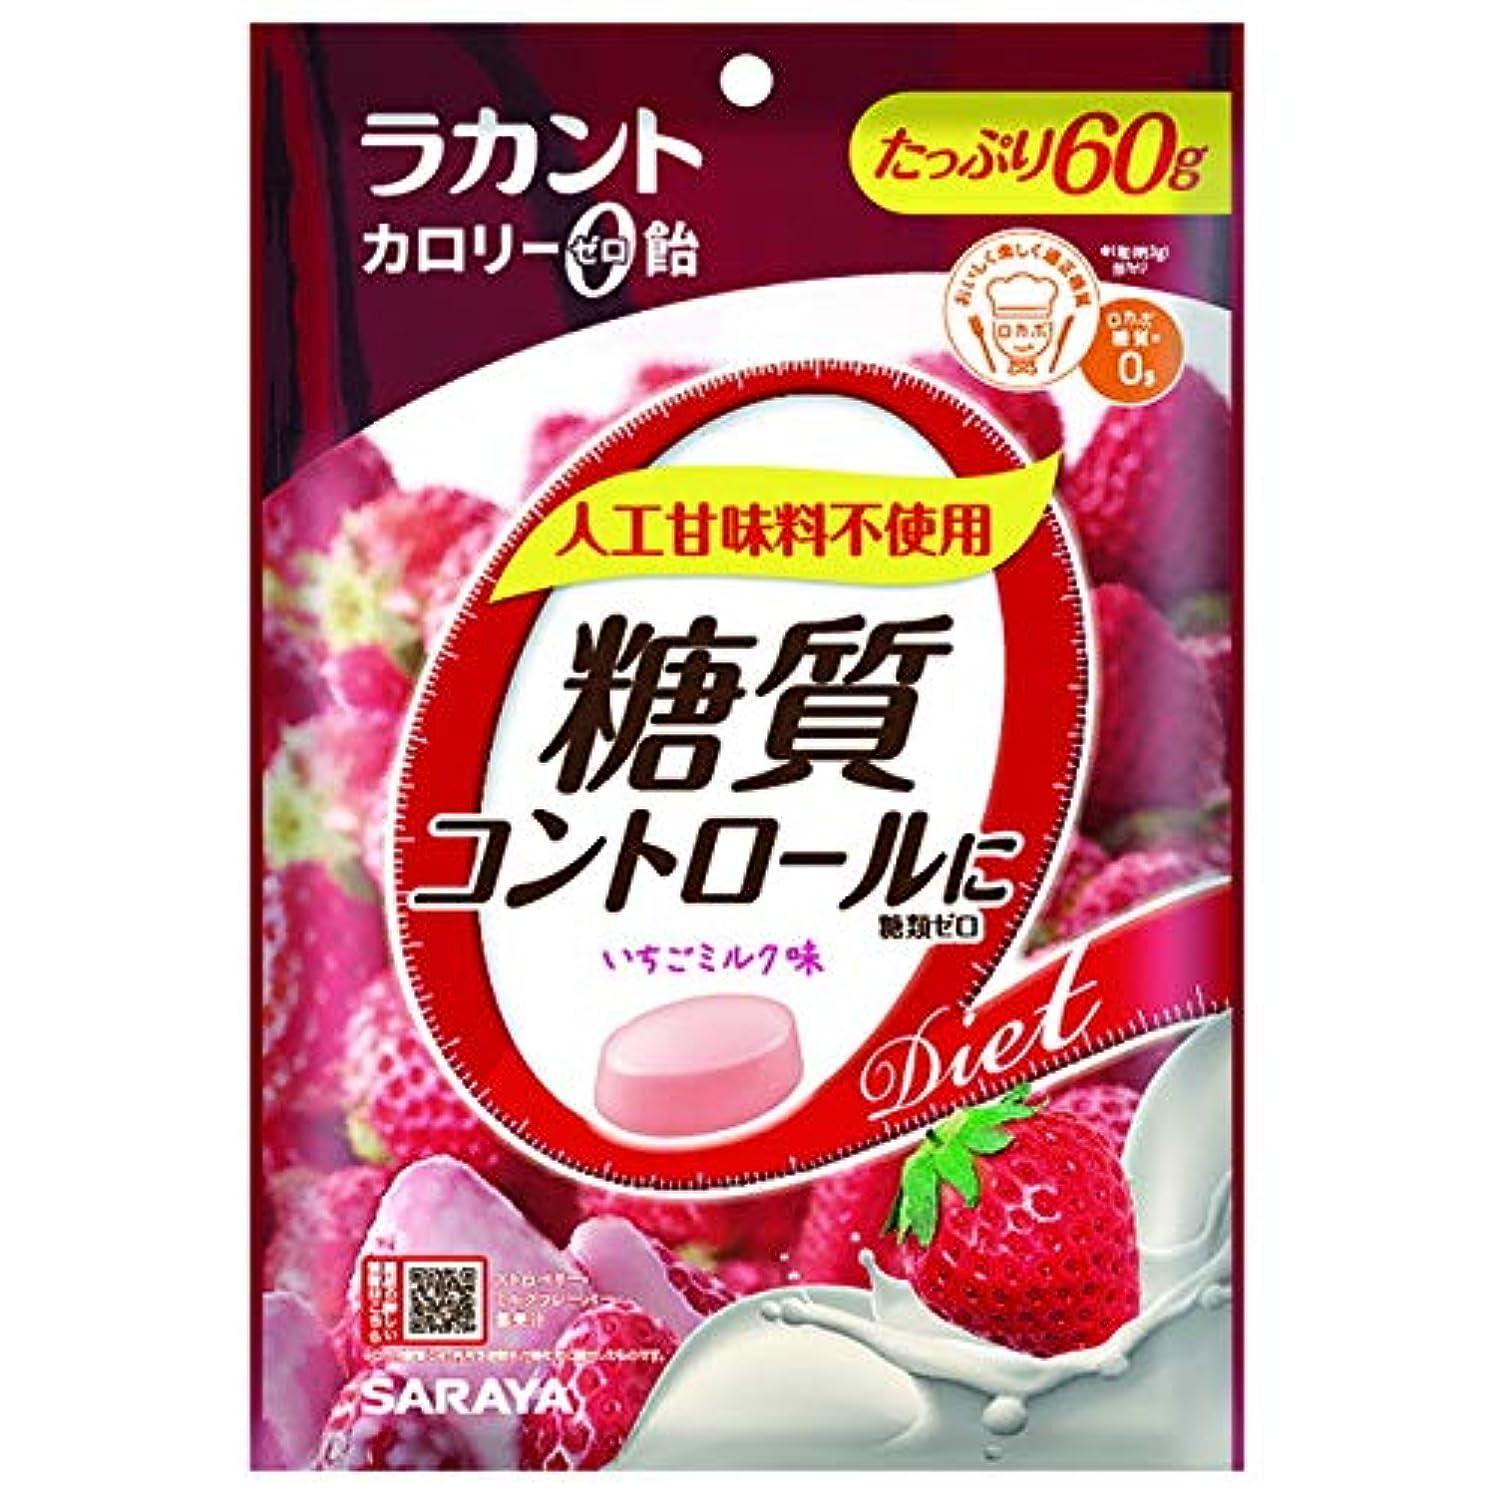 自分を引き上げるねじれ疑問に思うラカント カロリーゼロ飴 いちごミルク 60g【3個セット】